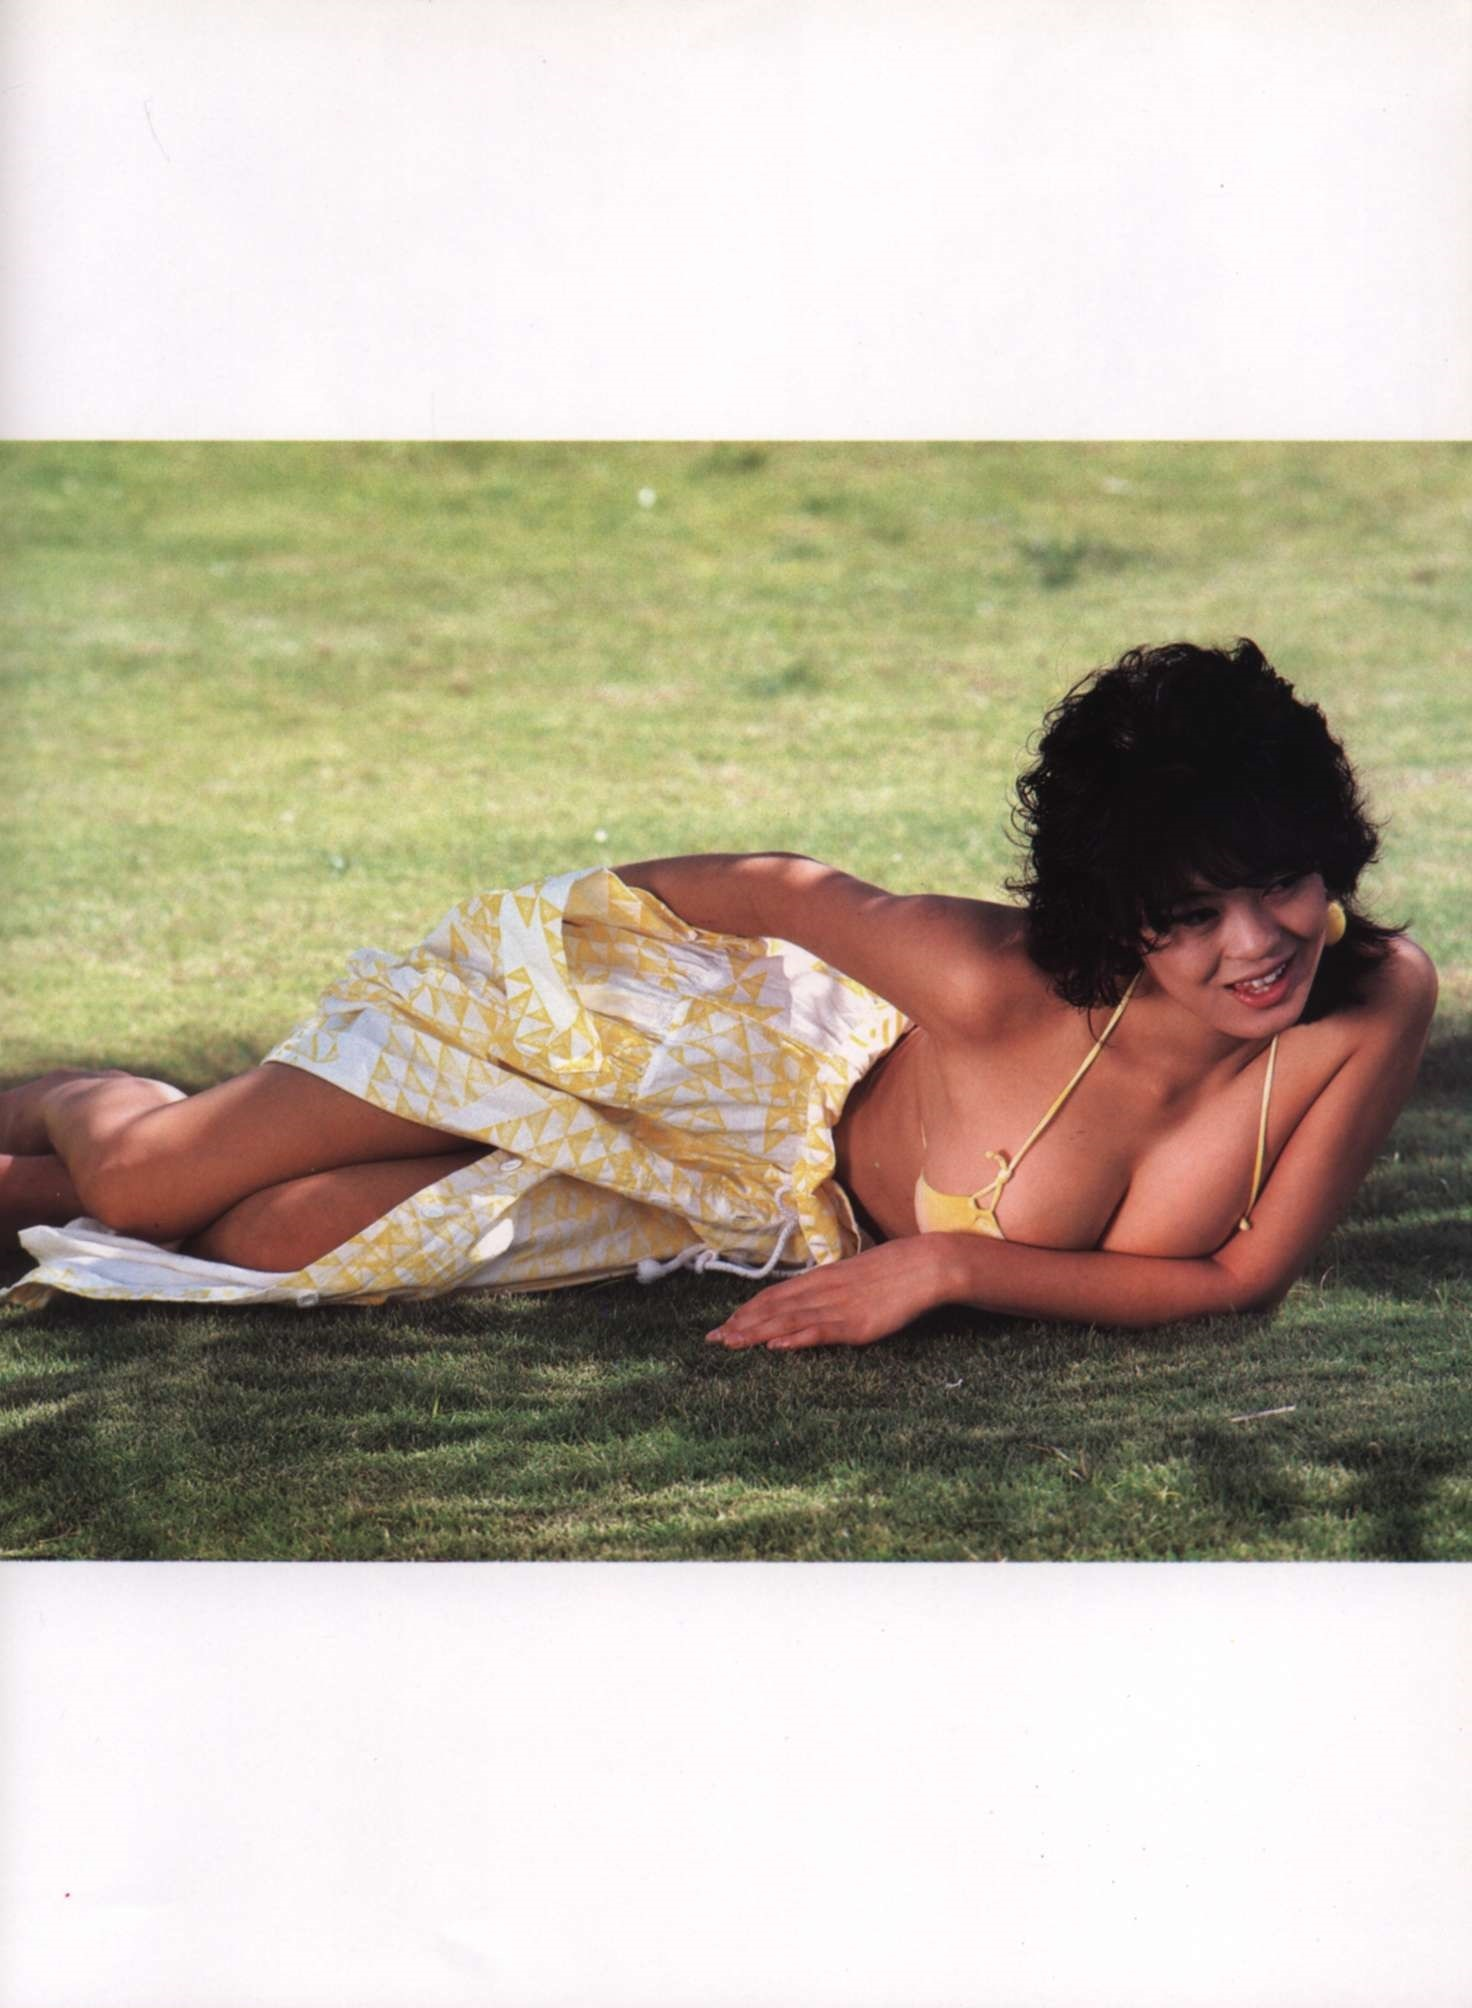 80〜90年代の肉感女優(ブス・デブ・ババア込み) [無断転載禁止]©bbspink.comYouTube動画>8本 ->画像>2024枚